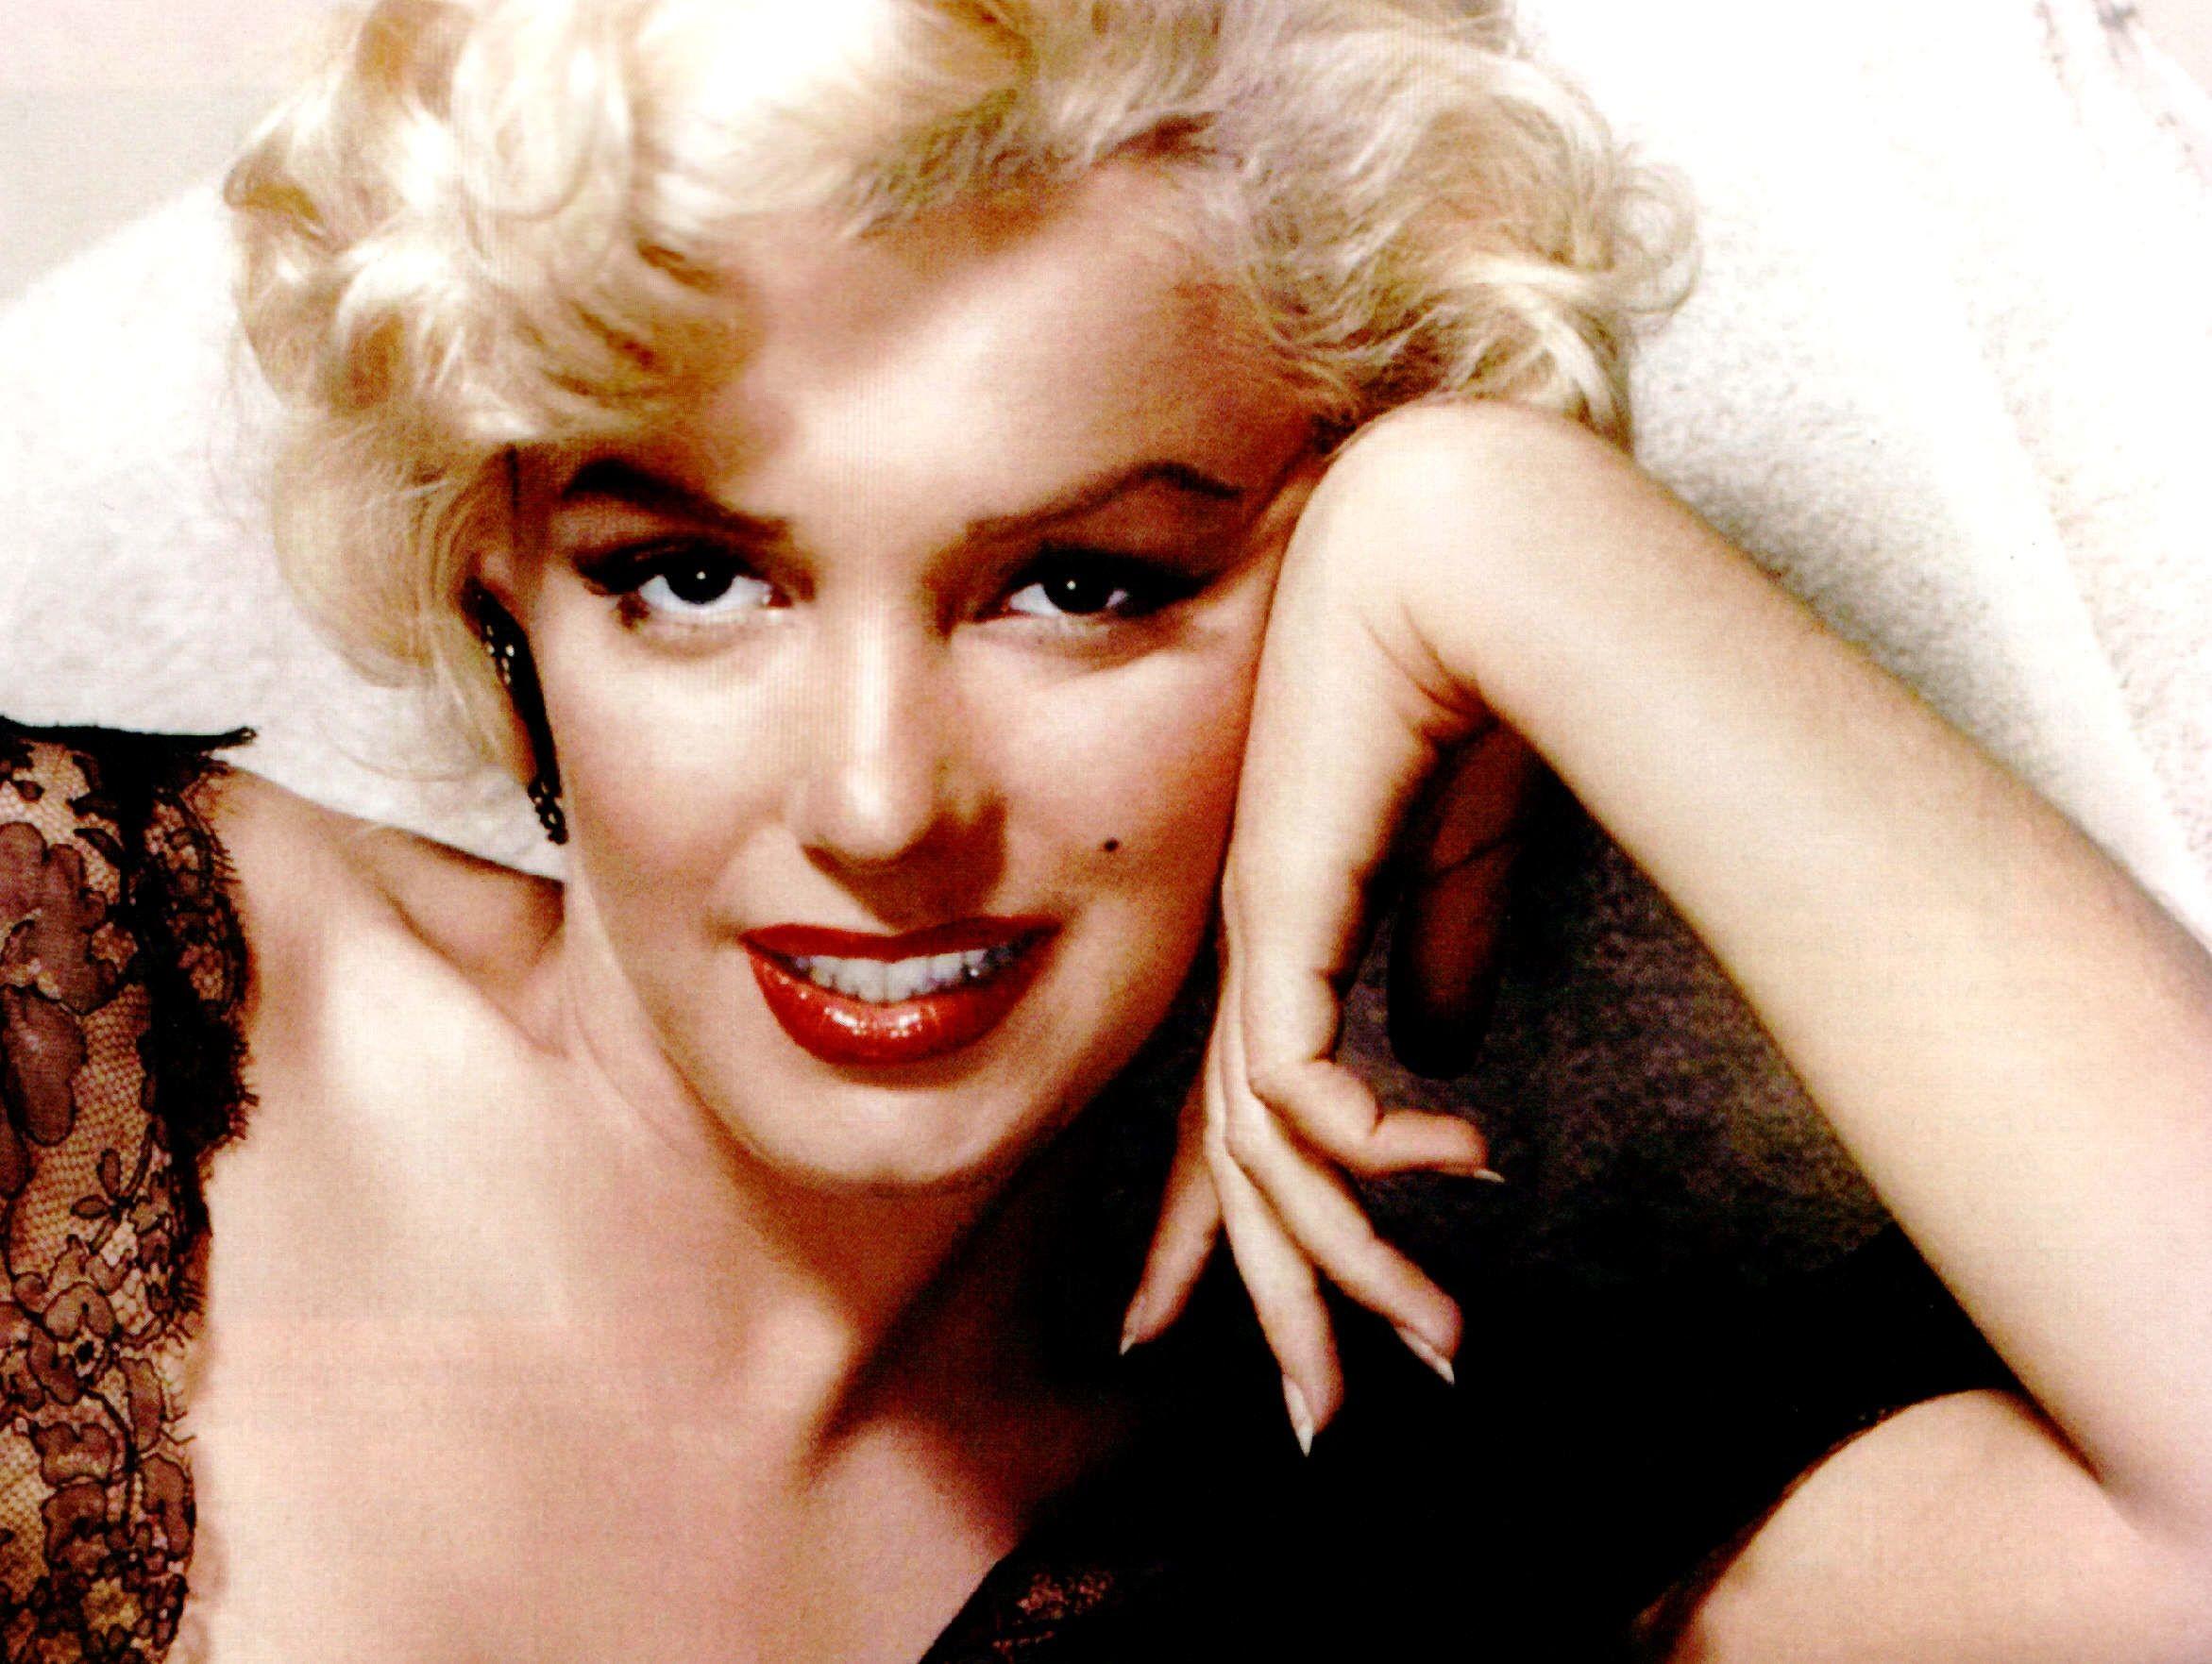 Marilyn-Monroe-Wallpapers-HD-desktop-backgrounds.jpg